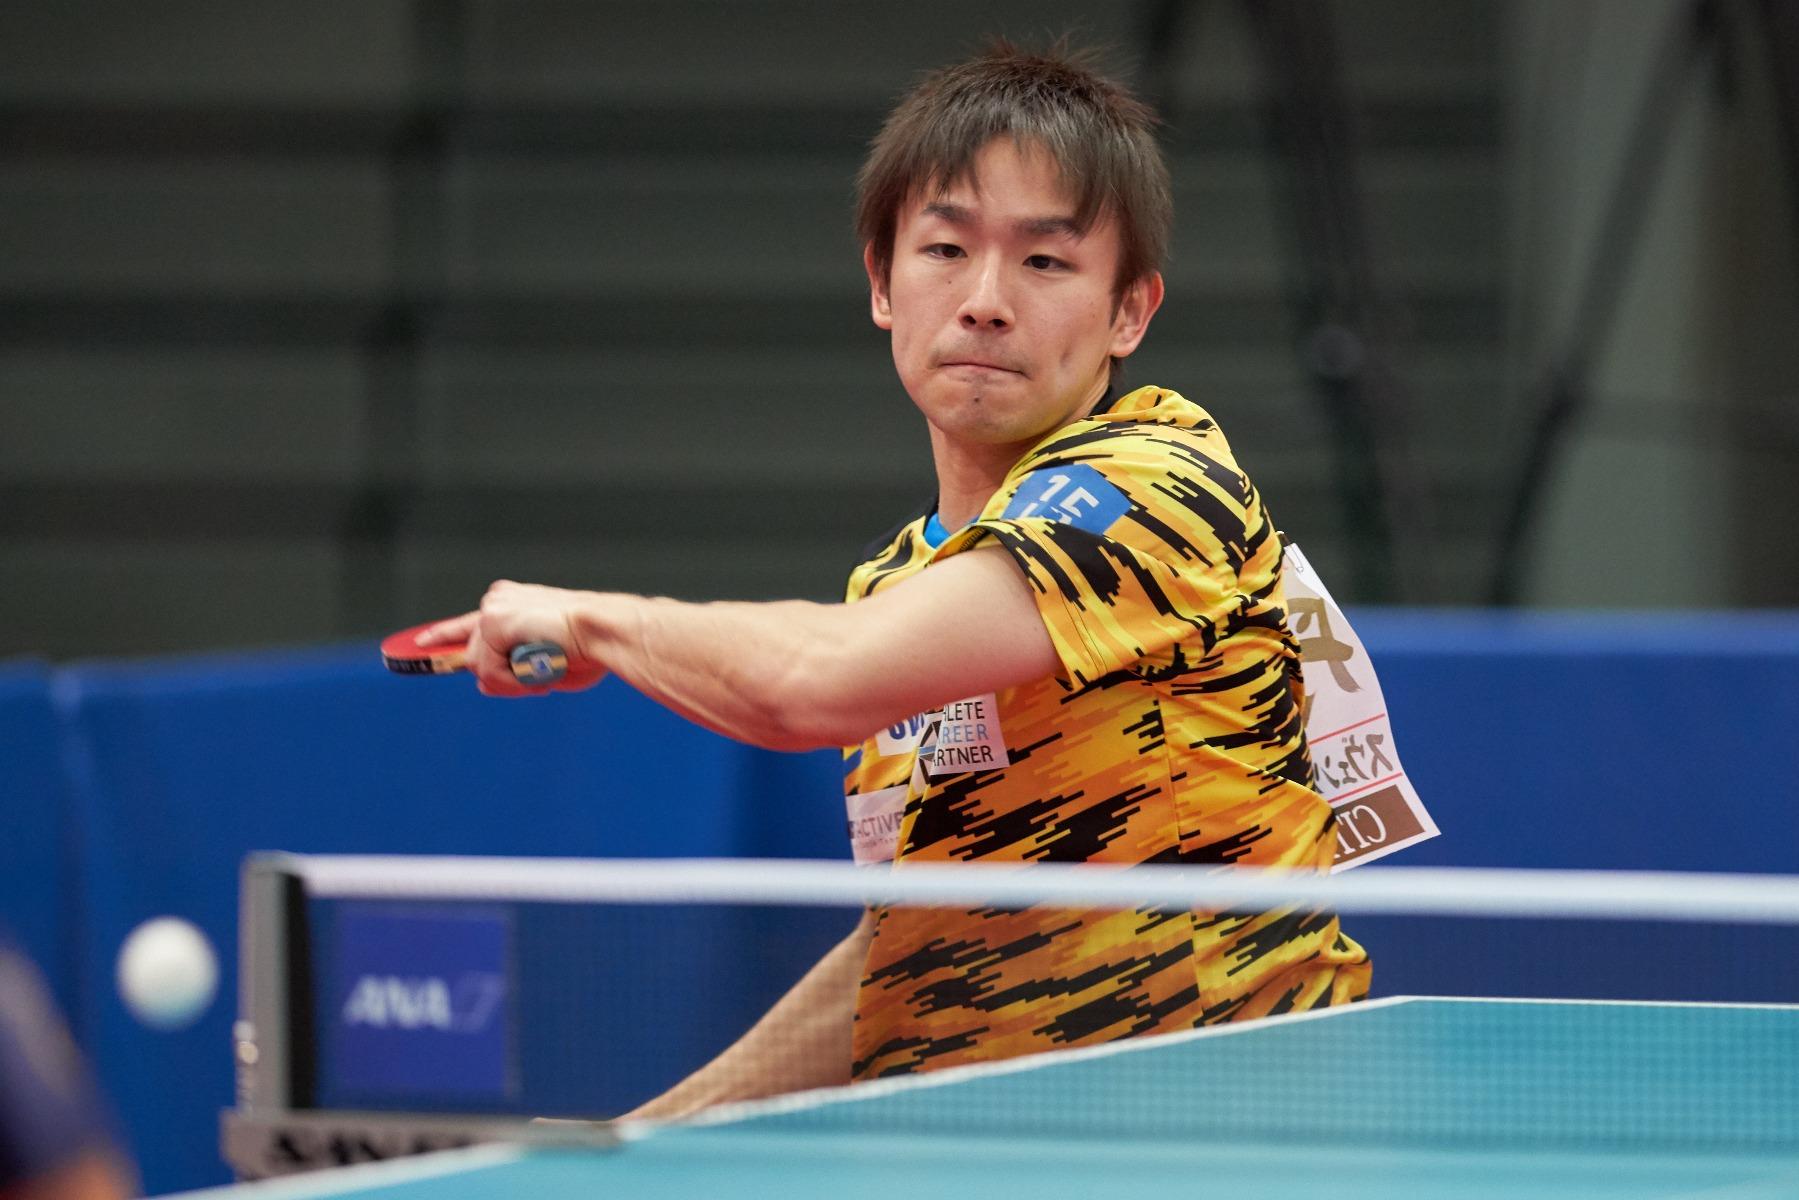 丹羽孝希 NIWA KOKI 卓球 V15シリーズ 裏ラバー 裏ソフト ラバー比較 VICTAS JOURNAL VICTAS